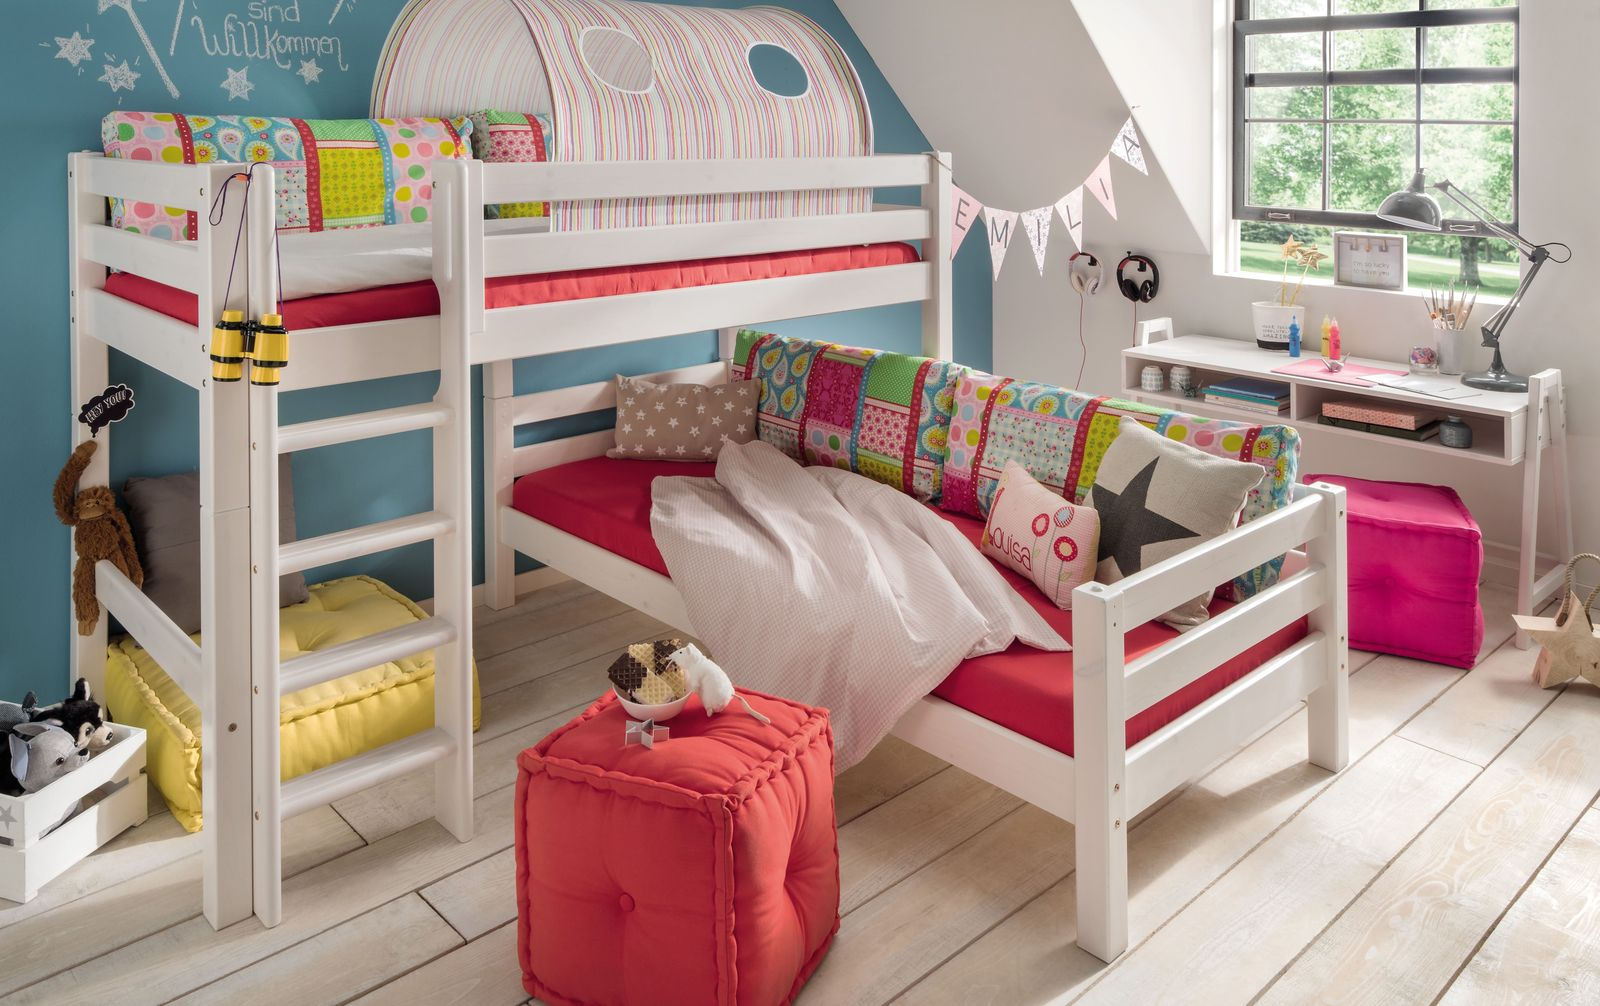 Etagenbett Kids Paradise für Dachschrägen in platzsparender Eckkonstruktion